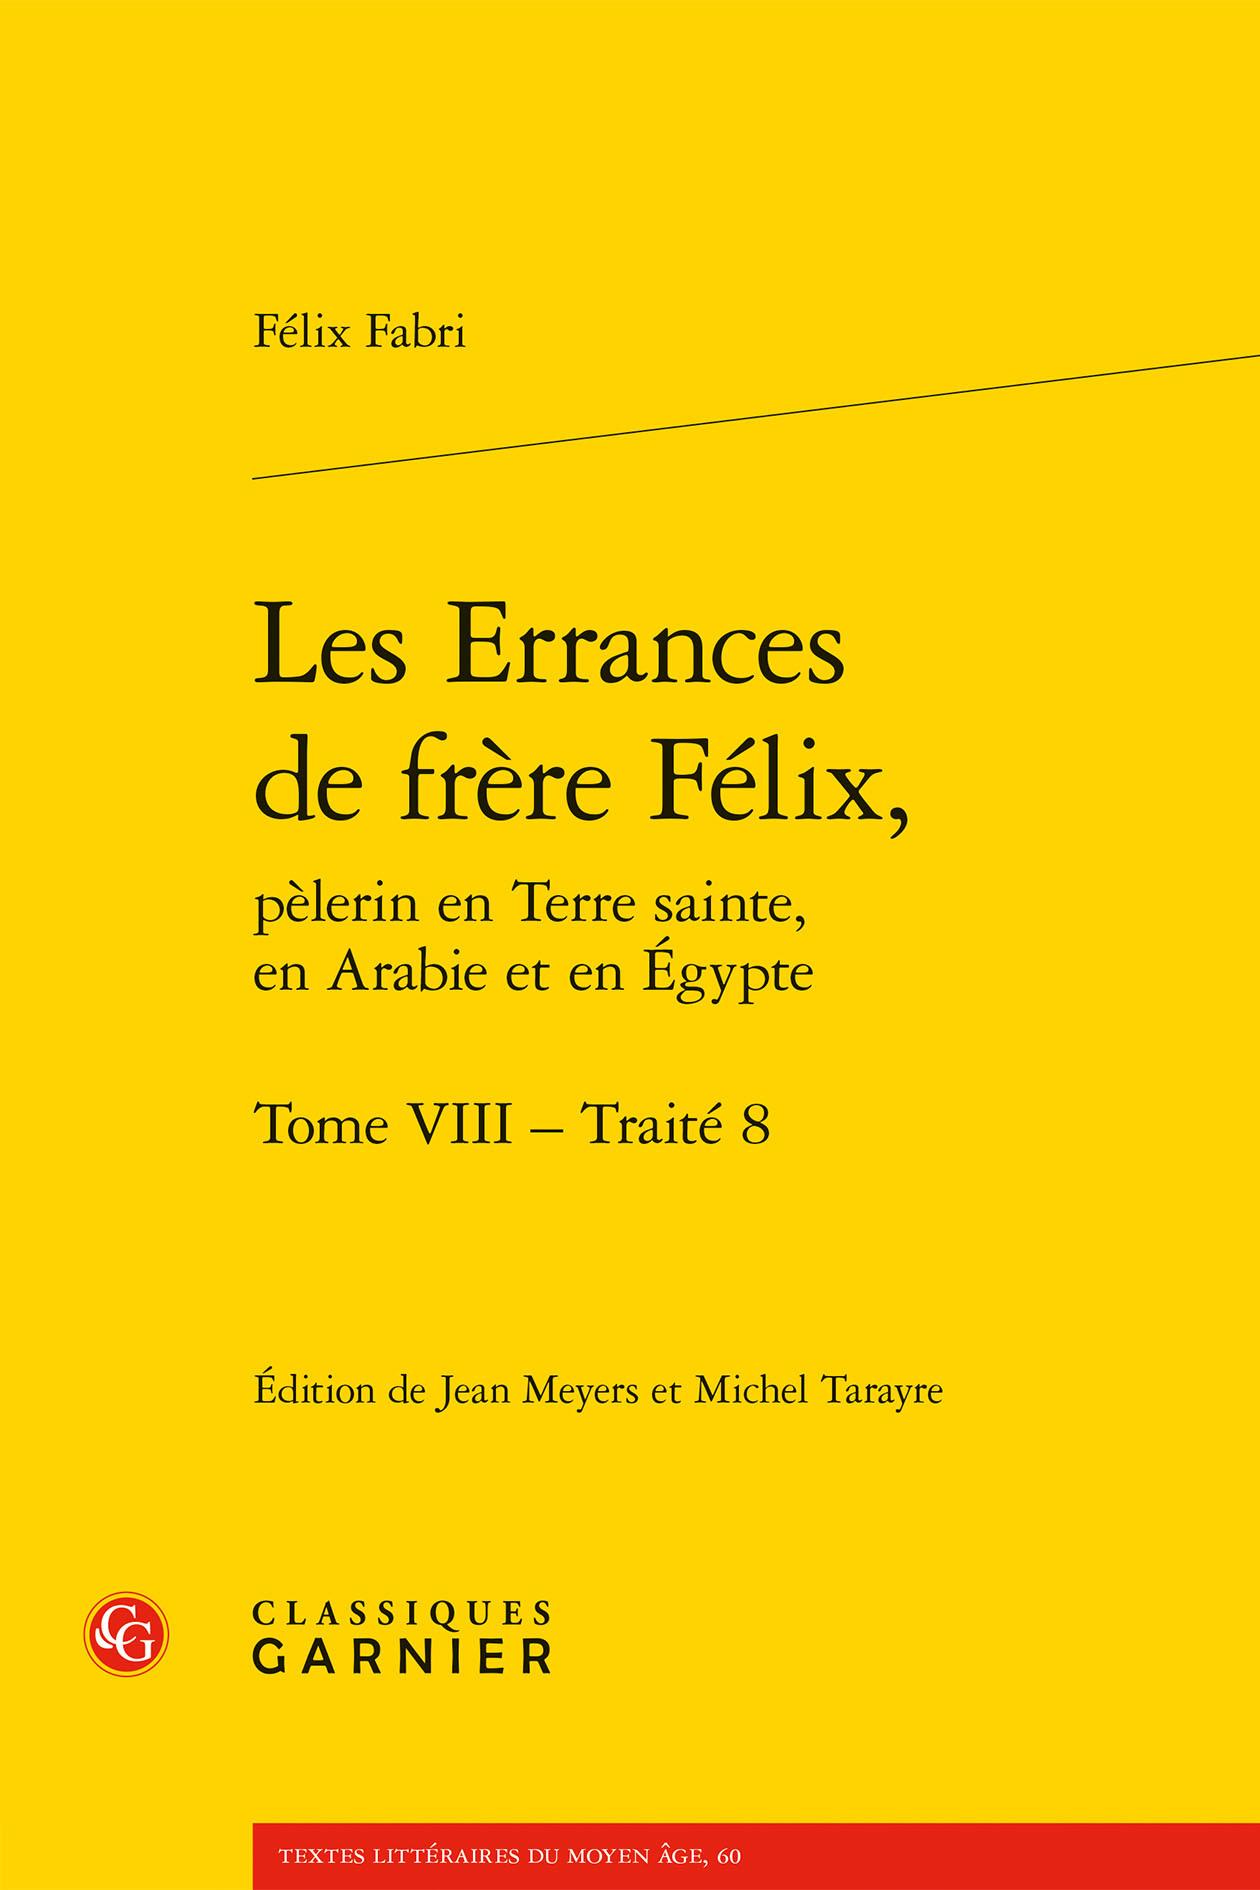 LES ERRANCES DE FRERE FELIX, - TOME VIII - TRAITE 8